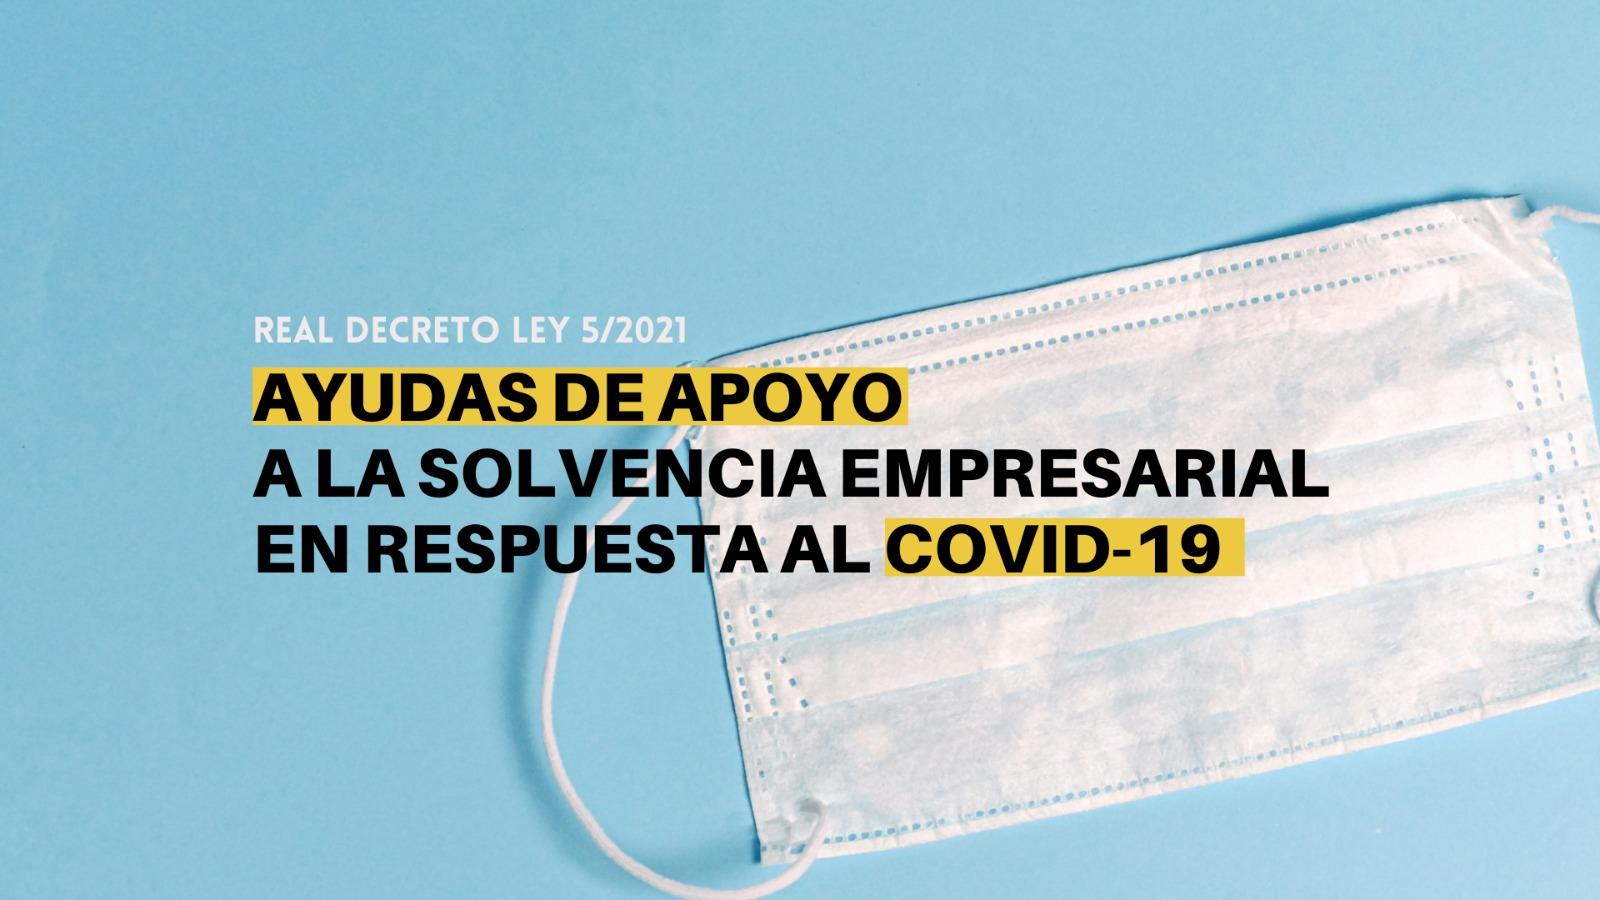 Inscripción a las ayudas a empresas en respuesta al COVID-19